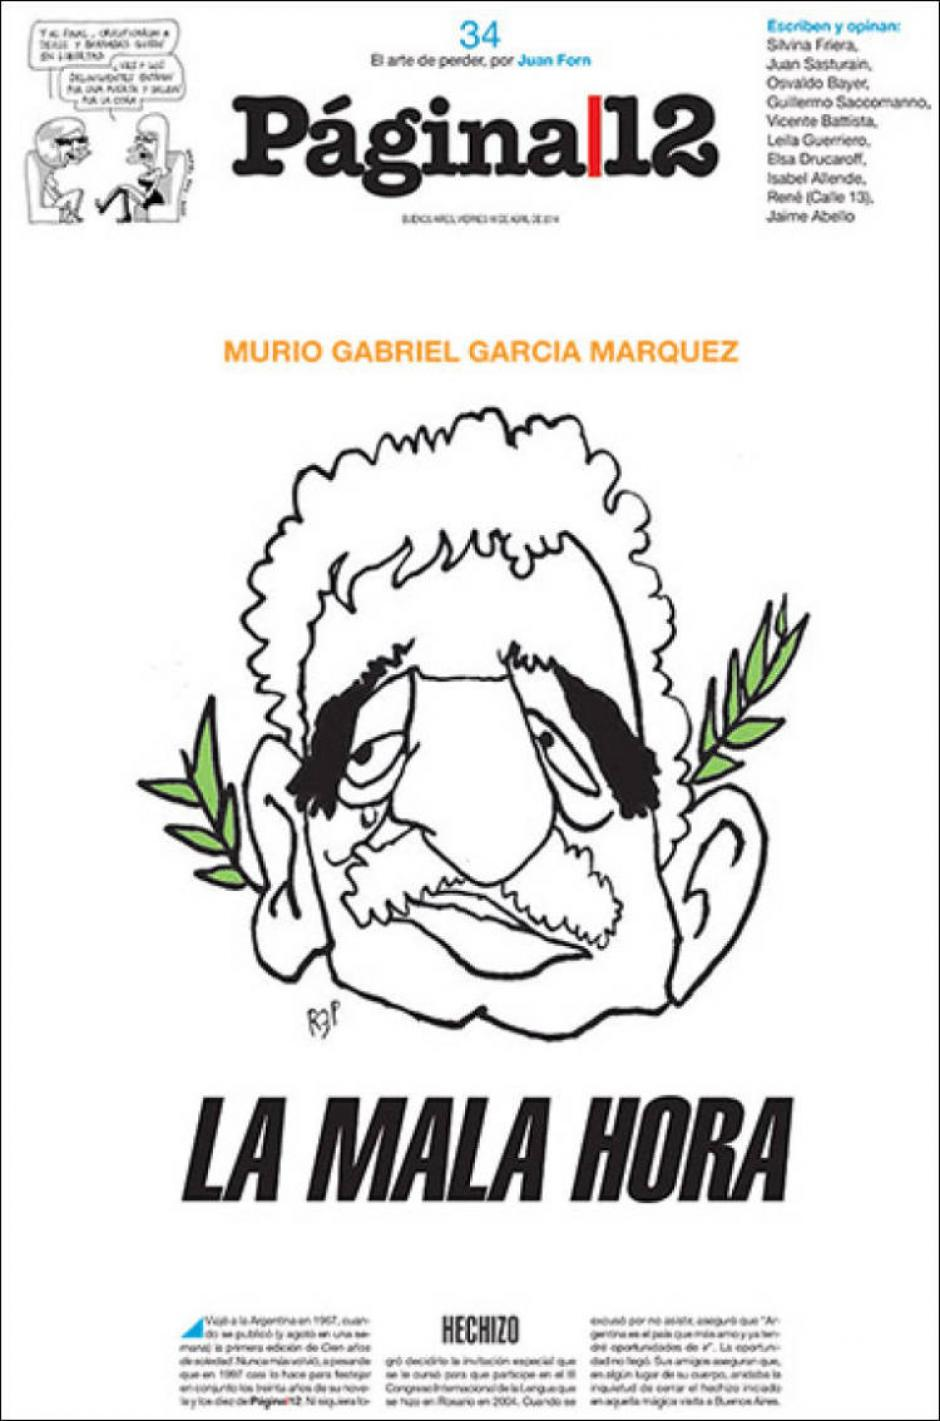 Los argentinos usaron también una caricatura del mítico escritor. (Foto: Clases de Periodismo)